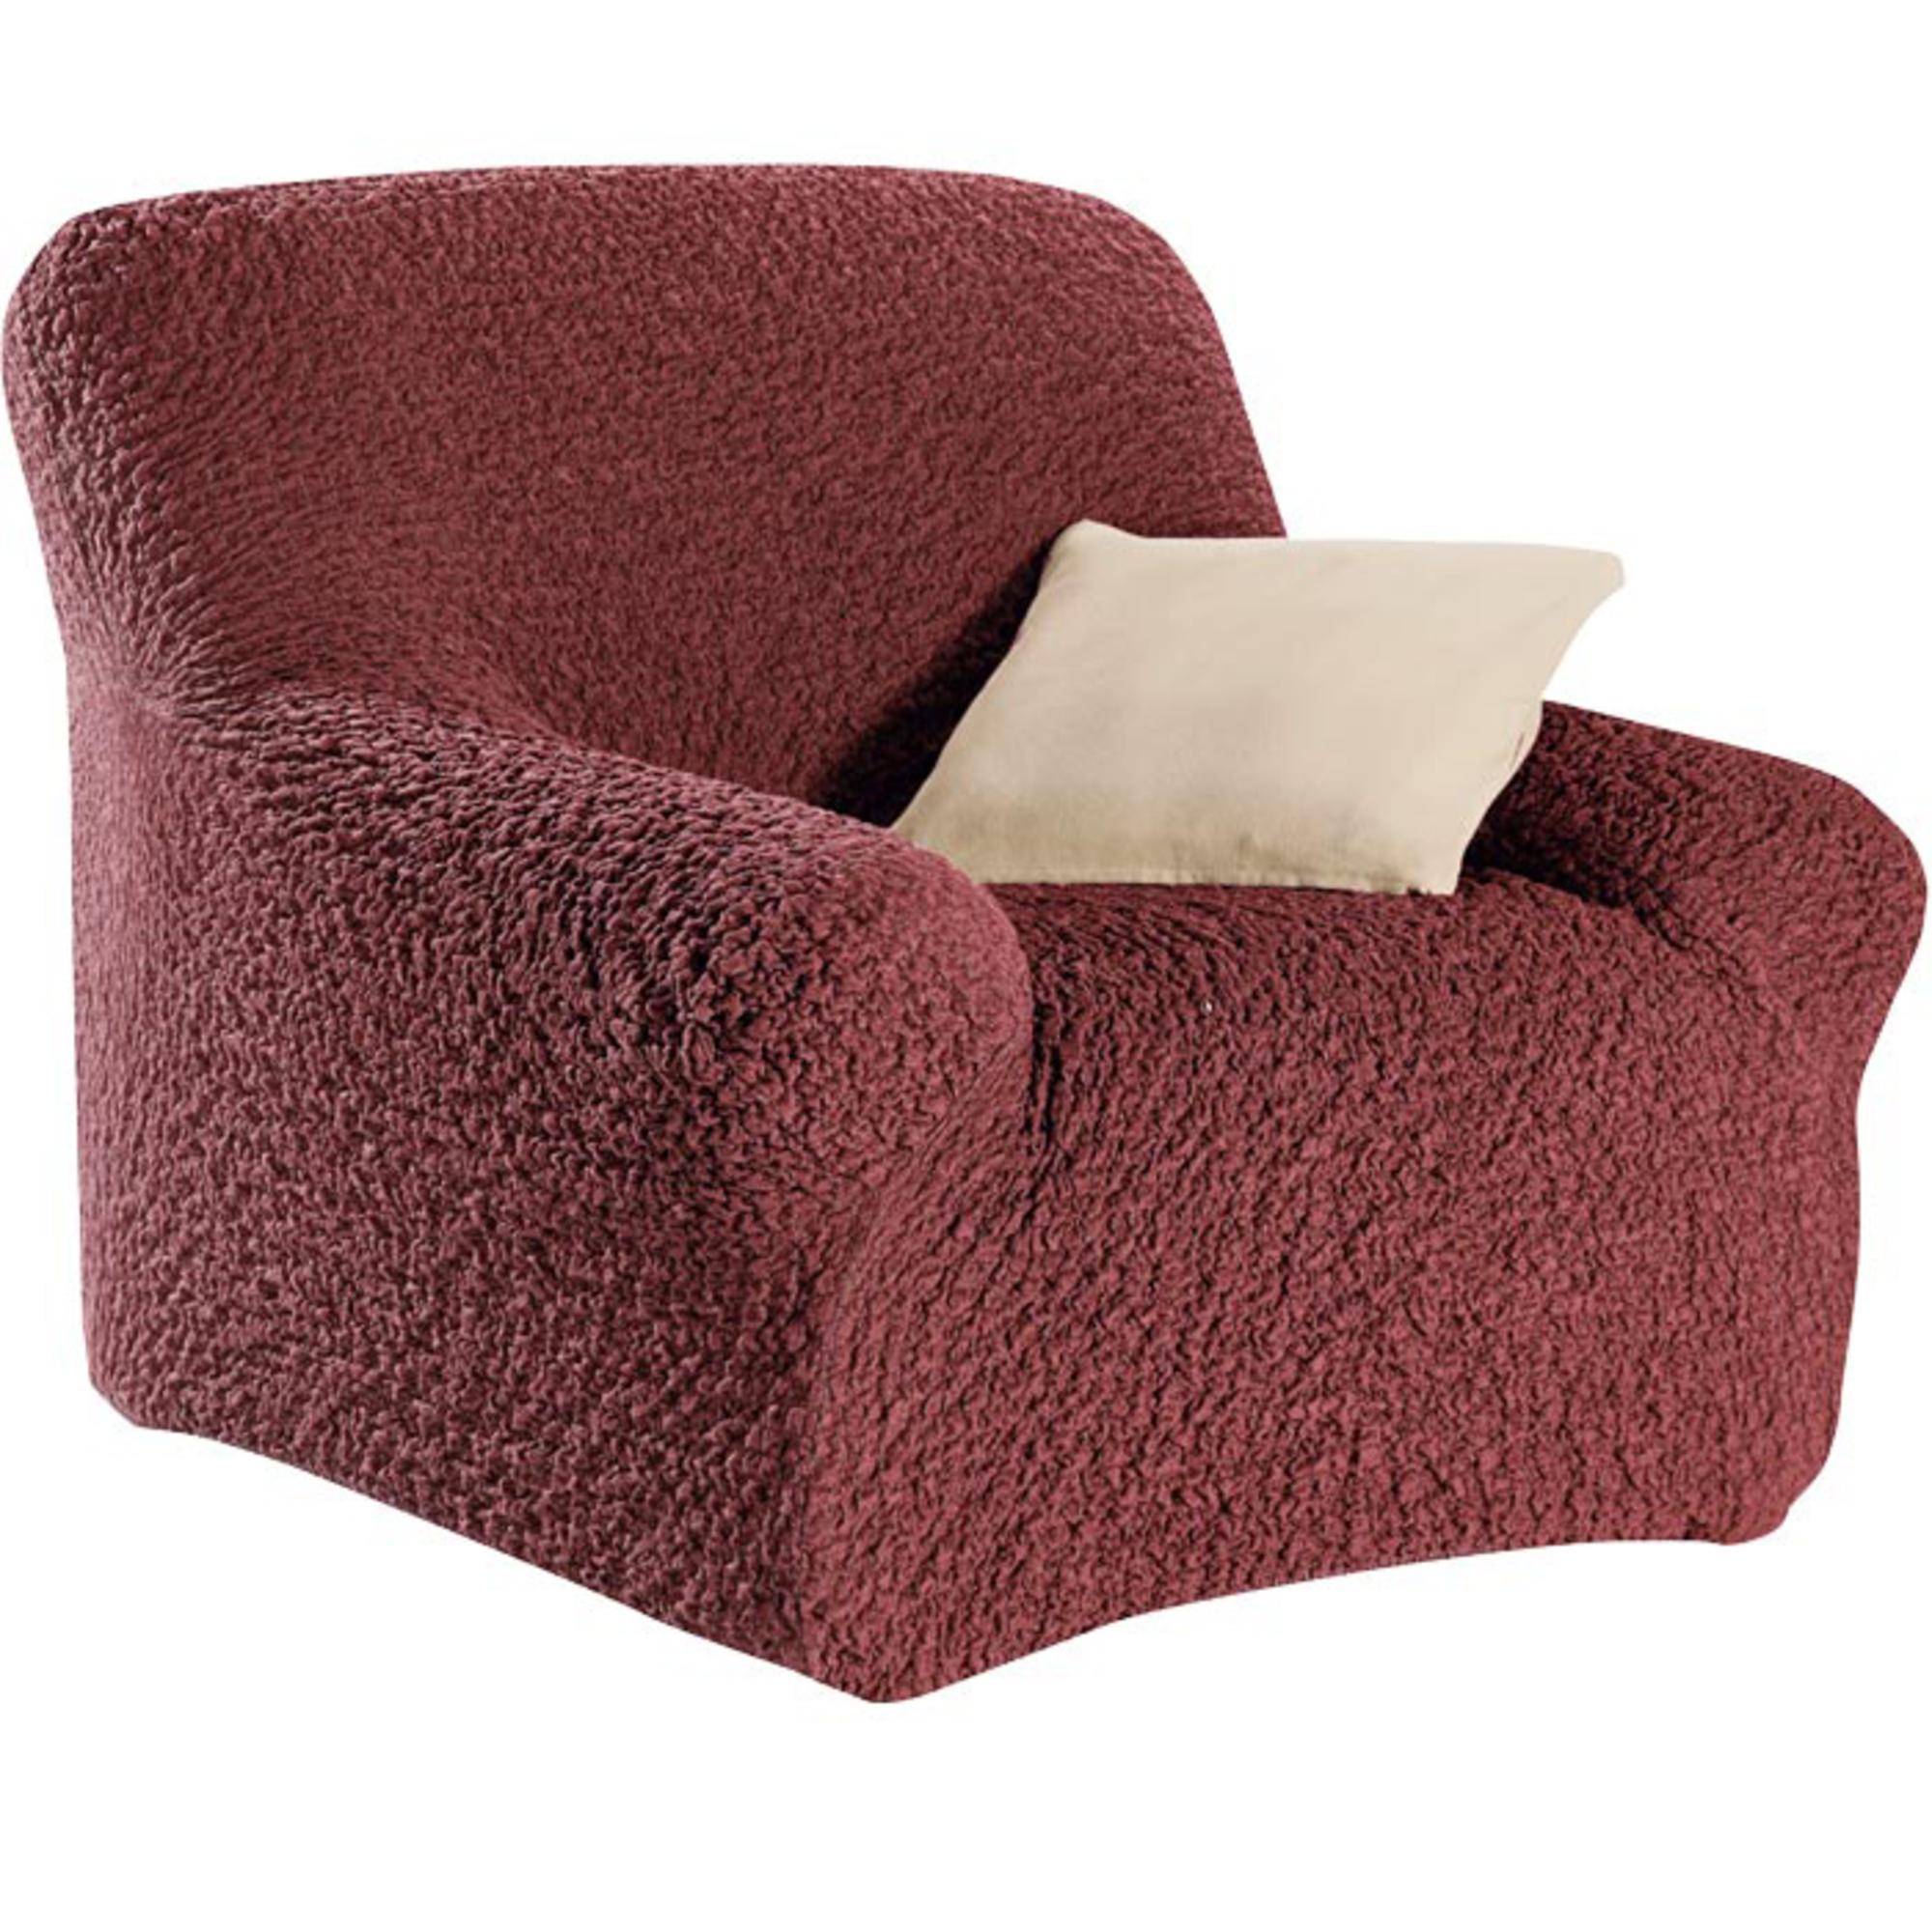 housse fauteuil gaufr e brio grenat acheter ce produit. Black Bedroom Furniture Sets. Home Design Ideas